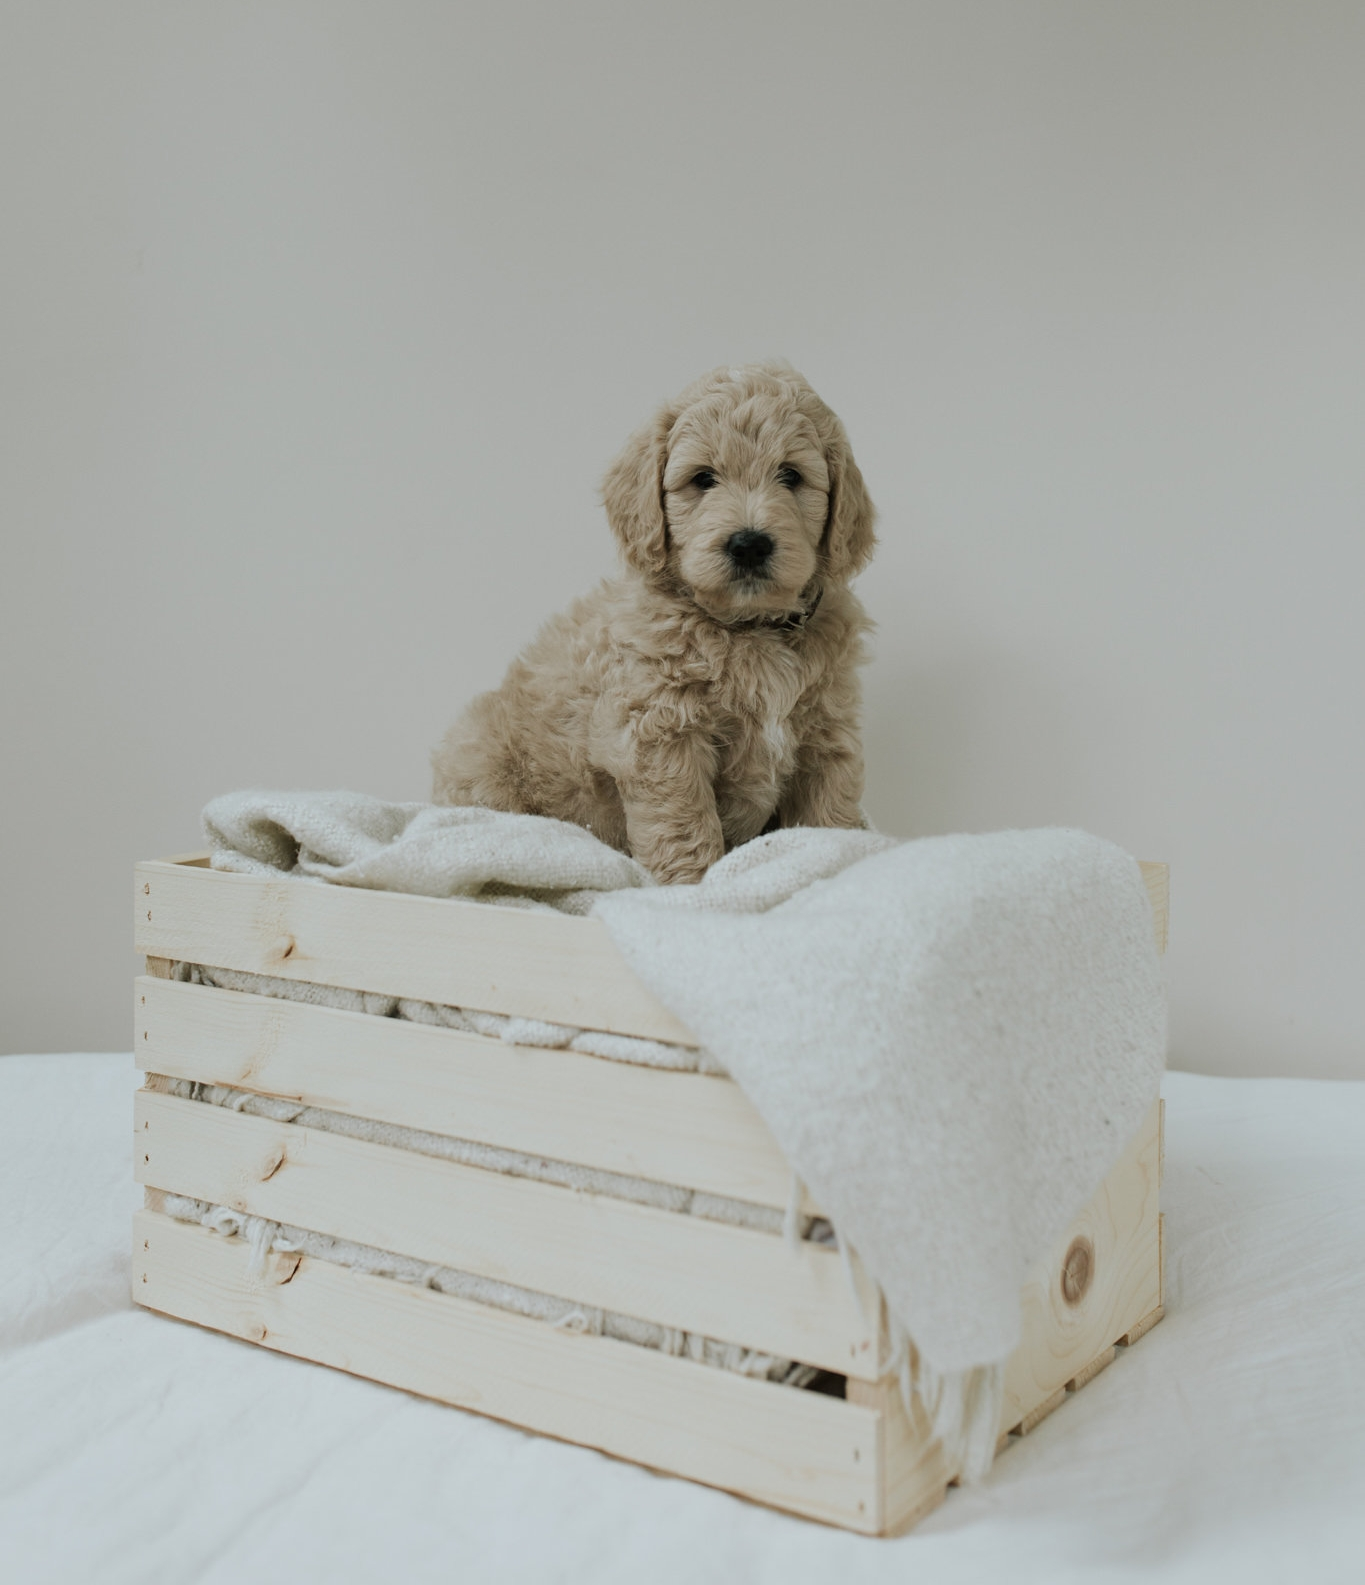 Puppies-Week-6-35.jpg